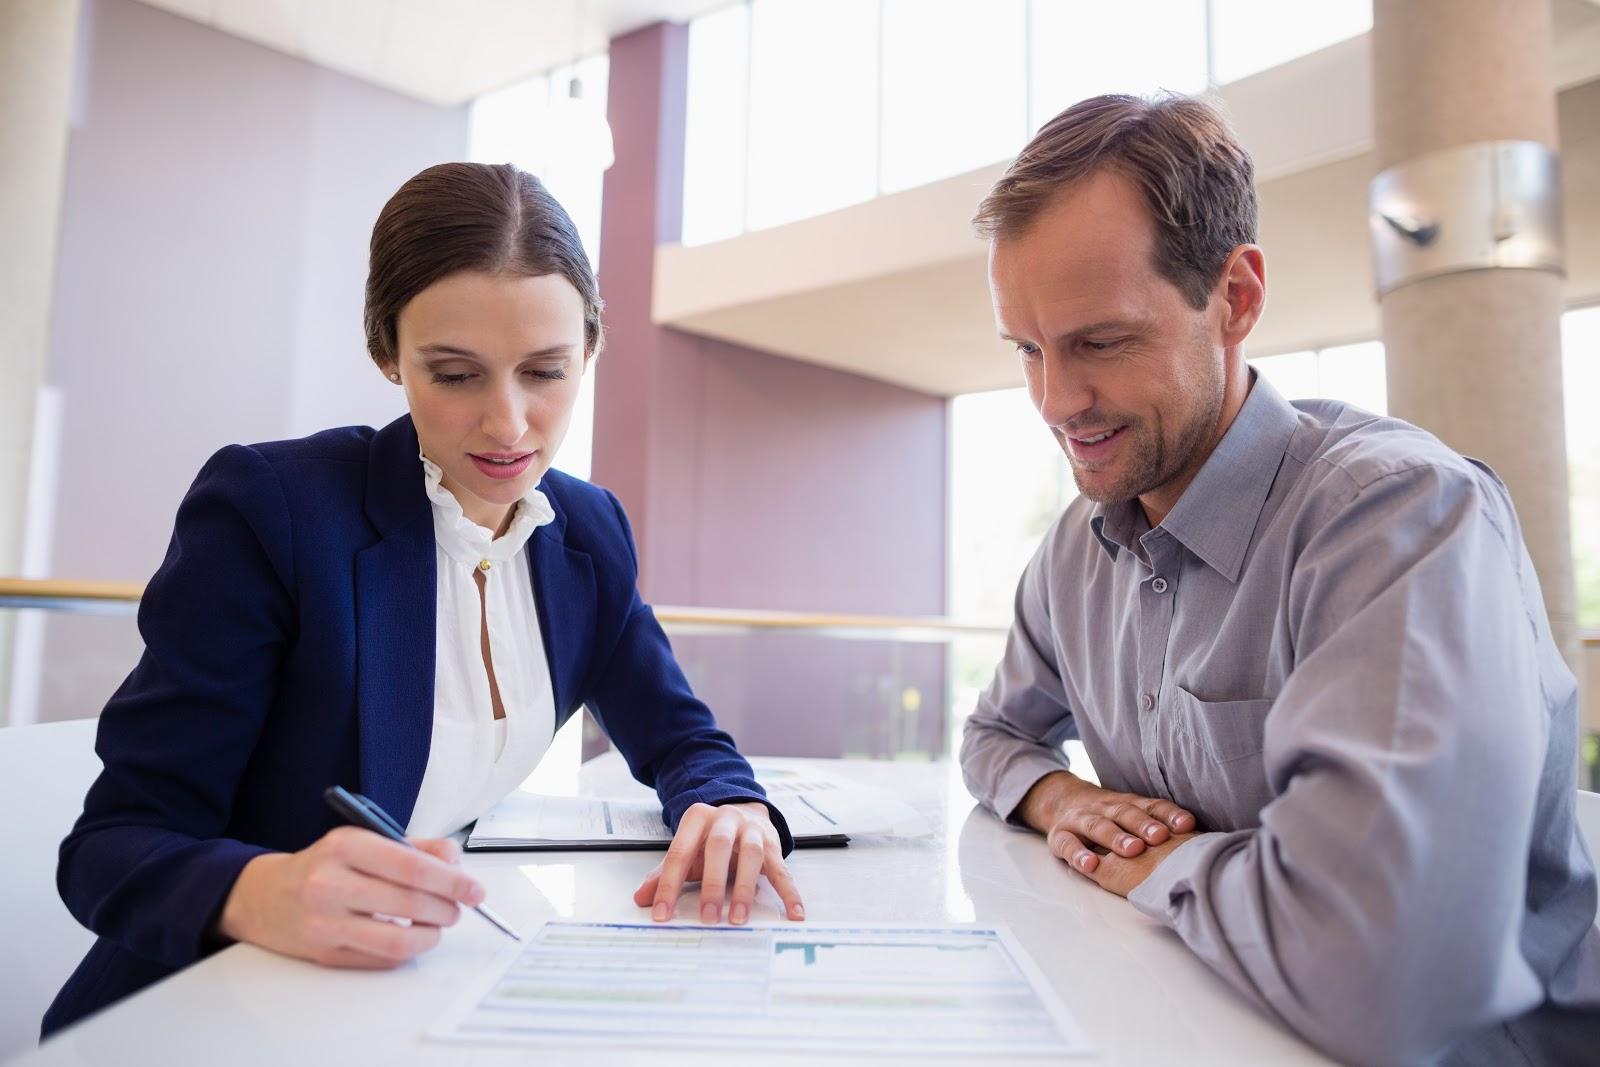 Duas pessoas olhando para um papel em uma mesa.